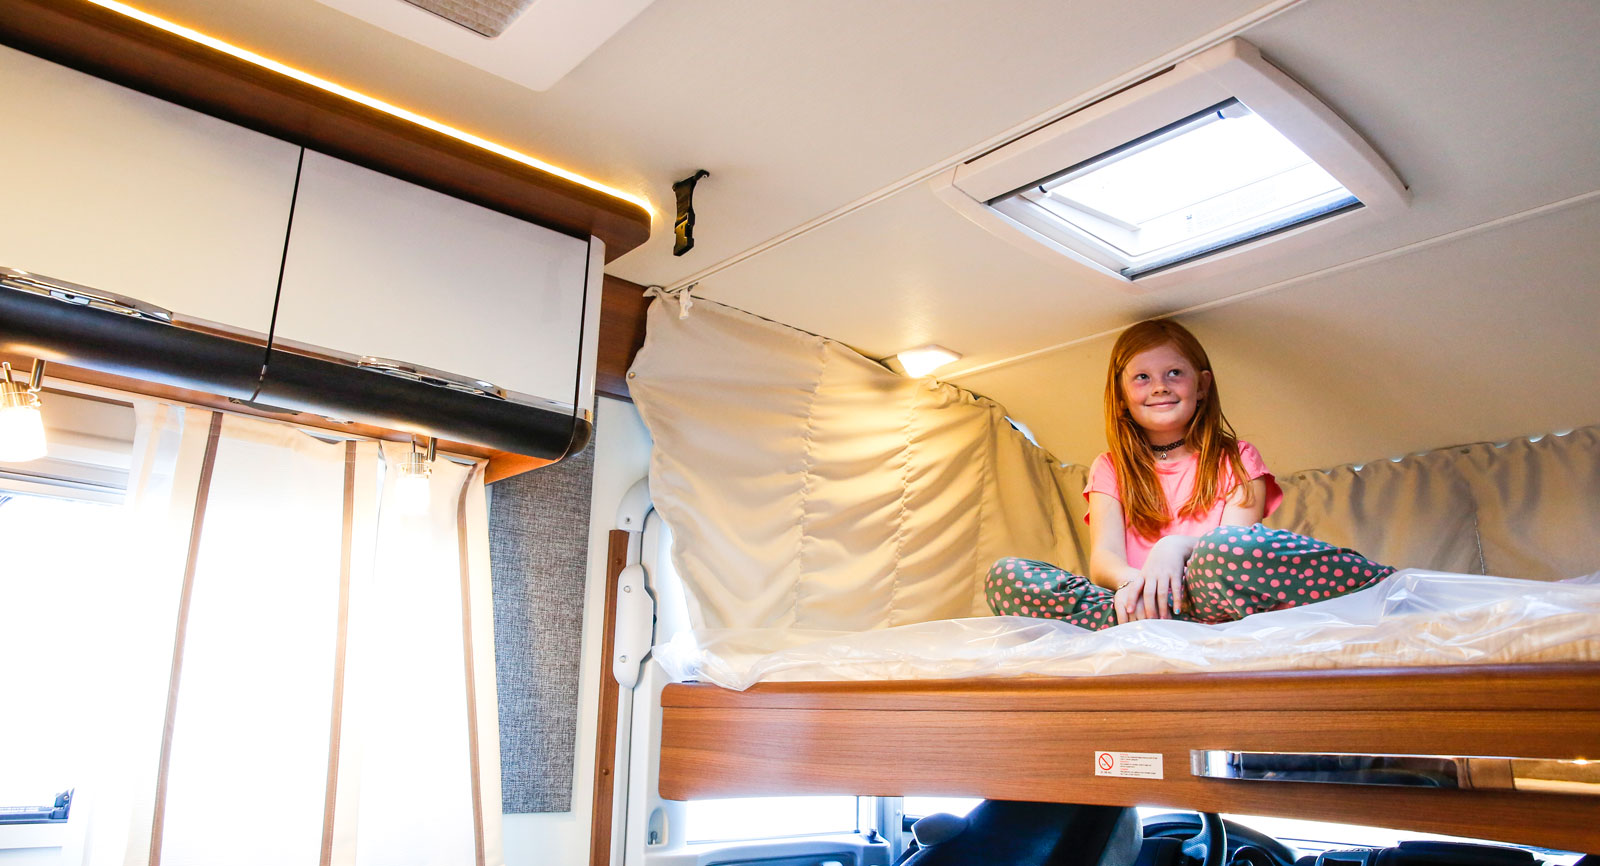 Den takmonterade dubbelsängen i fronten är utmärkt till två barn. Precis som i alla liknande husbilar måste man fälla framstolarna för att kunna fälla ner sängen.